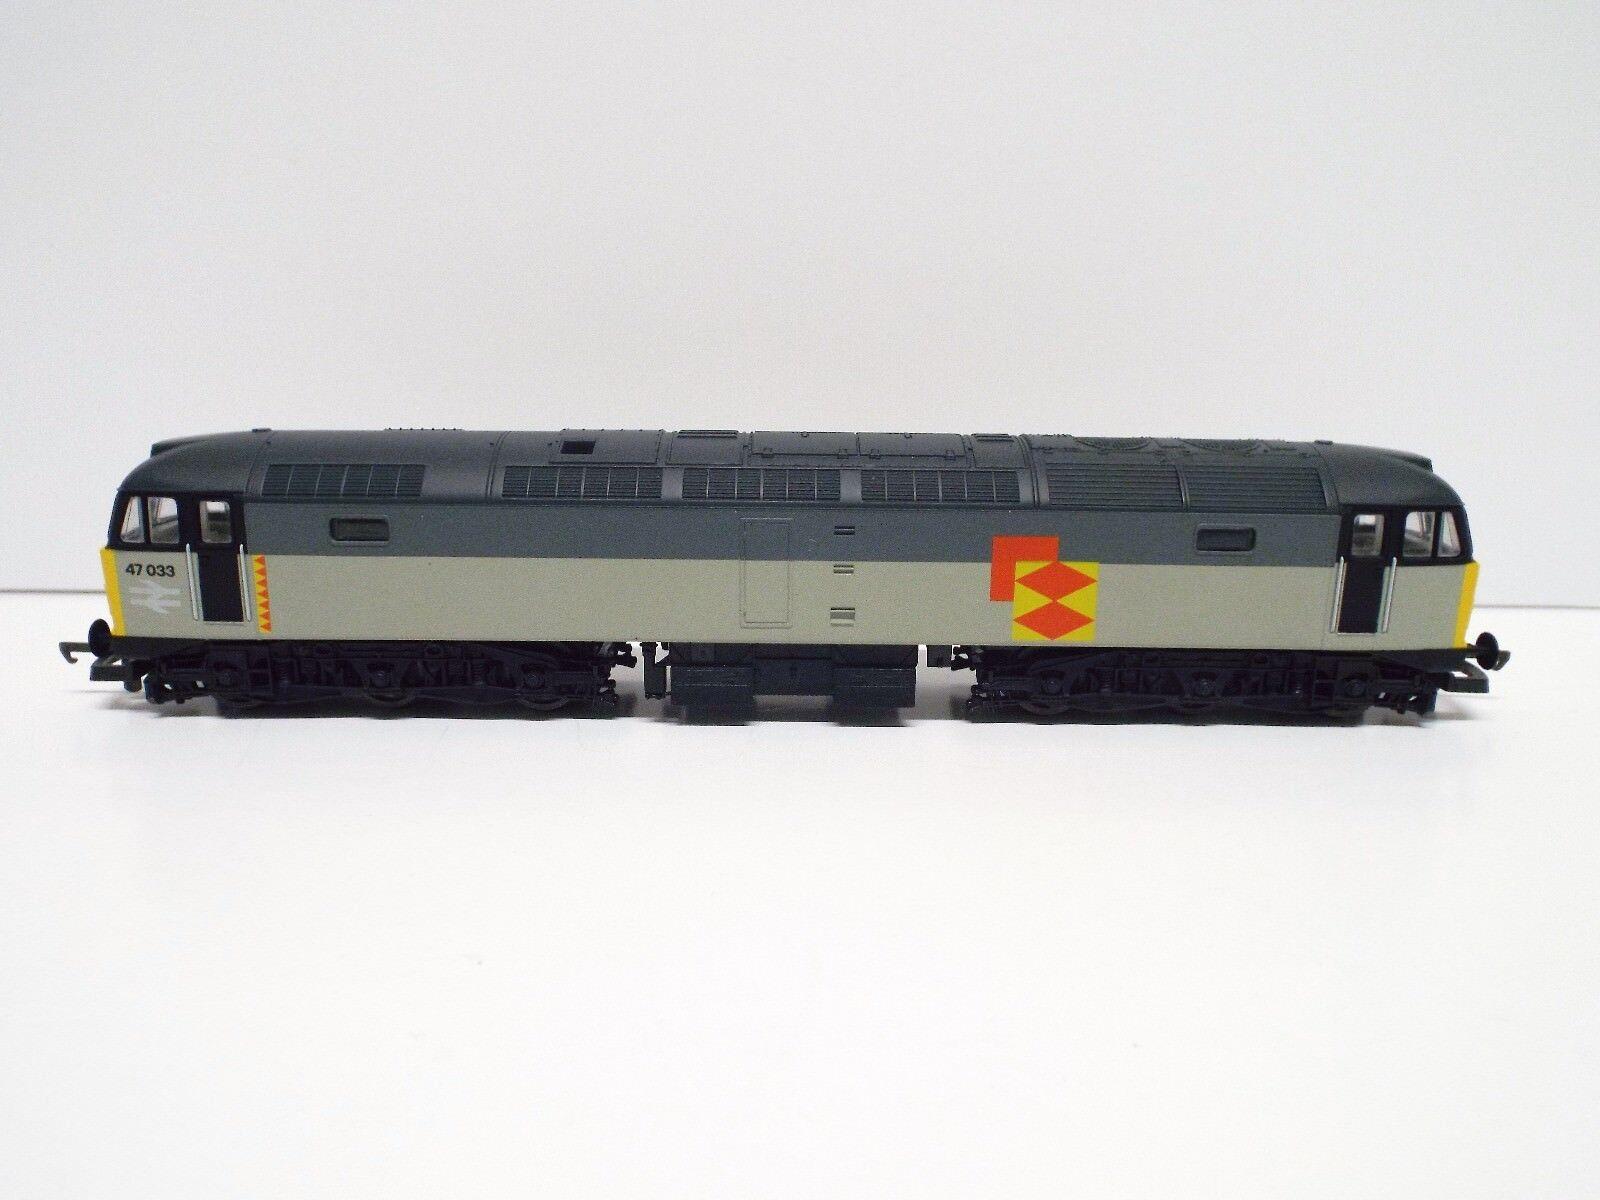 Neuer krake bulk - tanker 1949 - skala 1 76 unlackiert kit g42 langley modelle